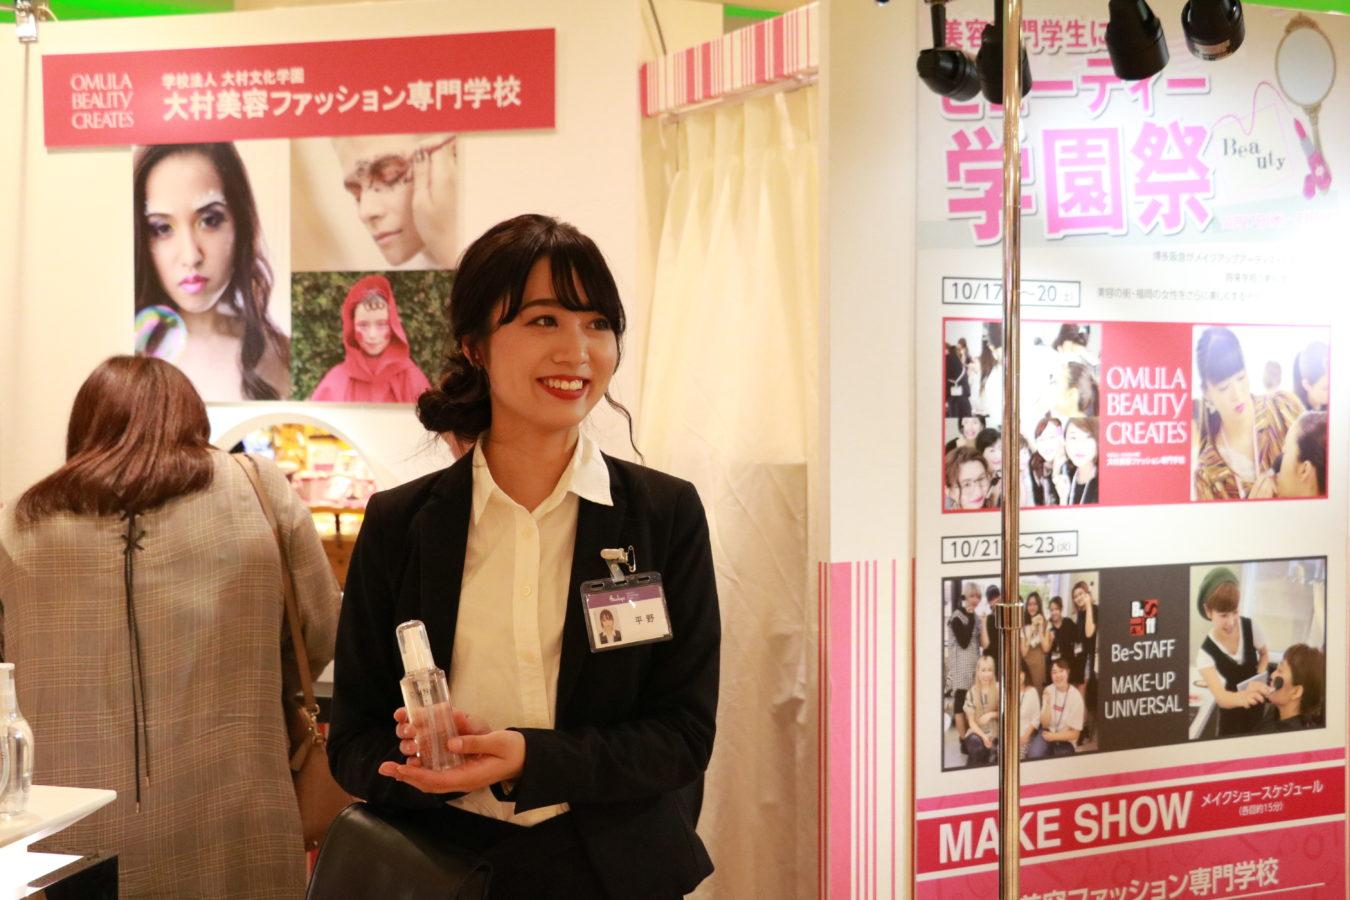 メイクアップ科★ビューティー学園祭 in 博多阪急